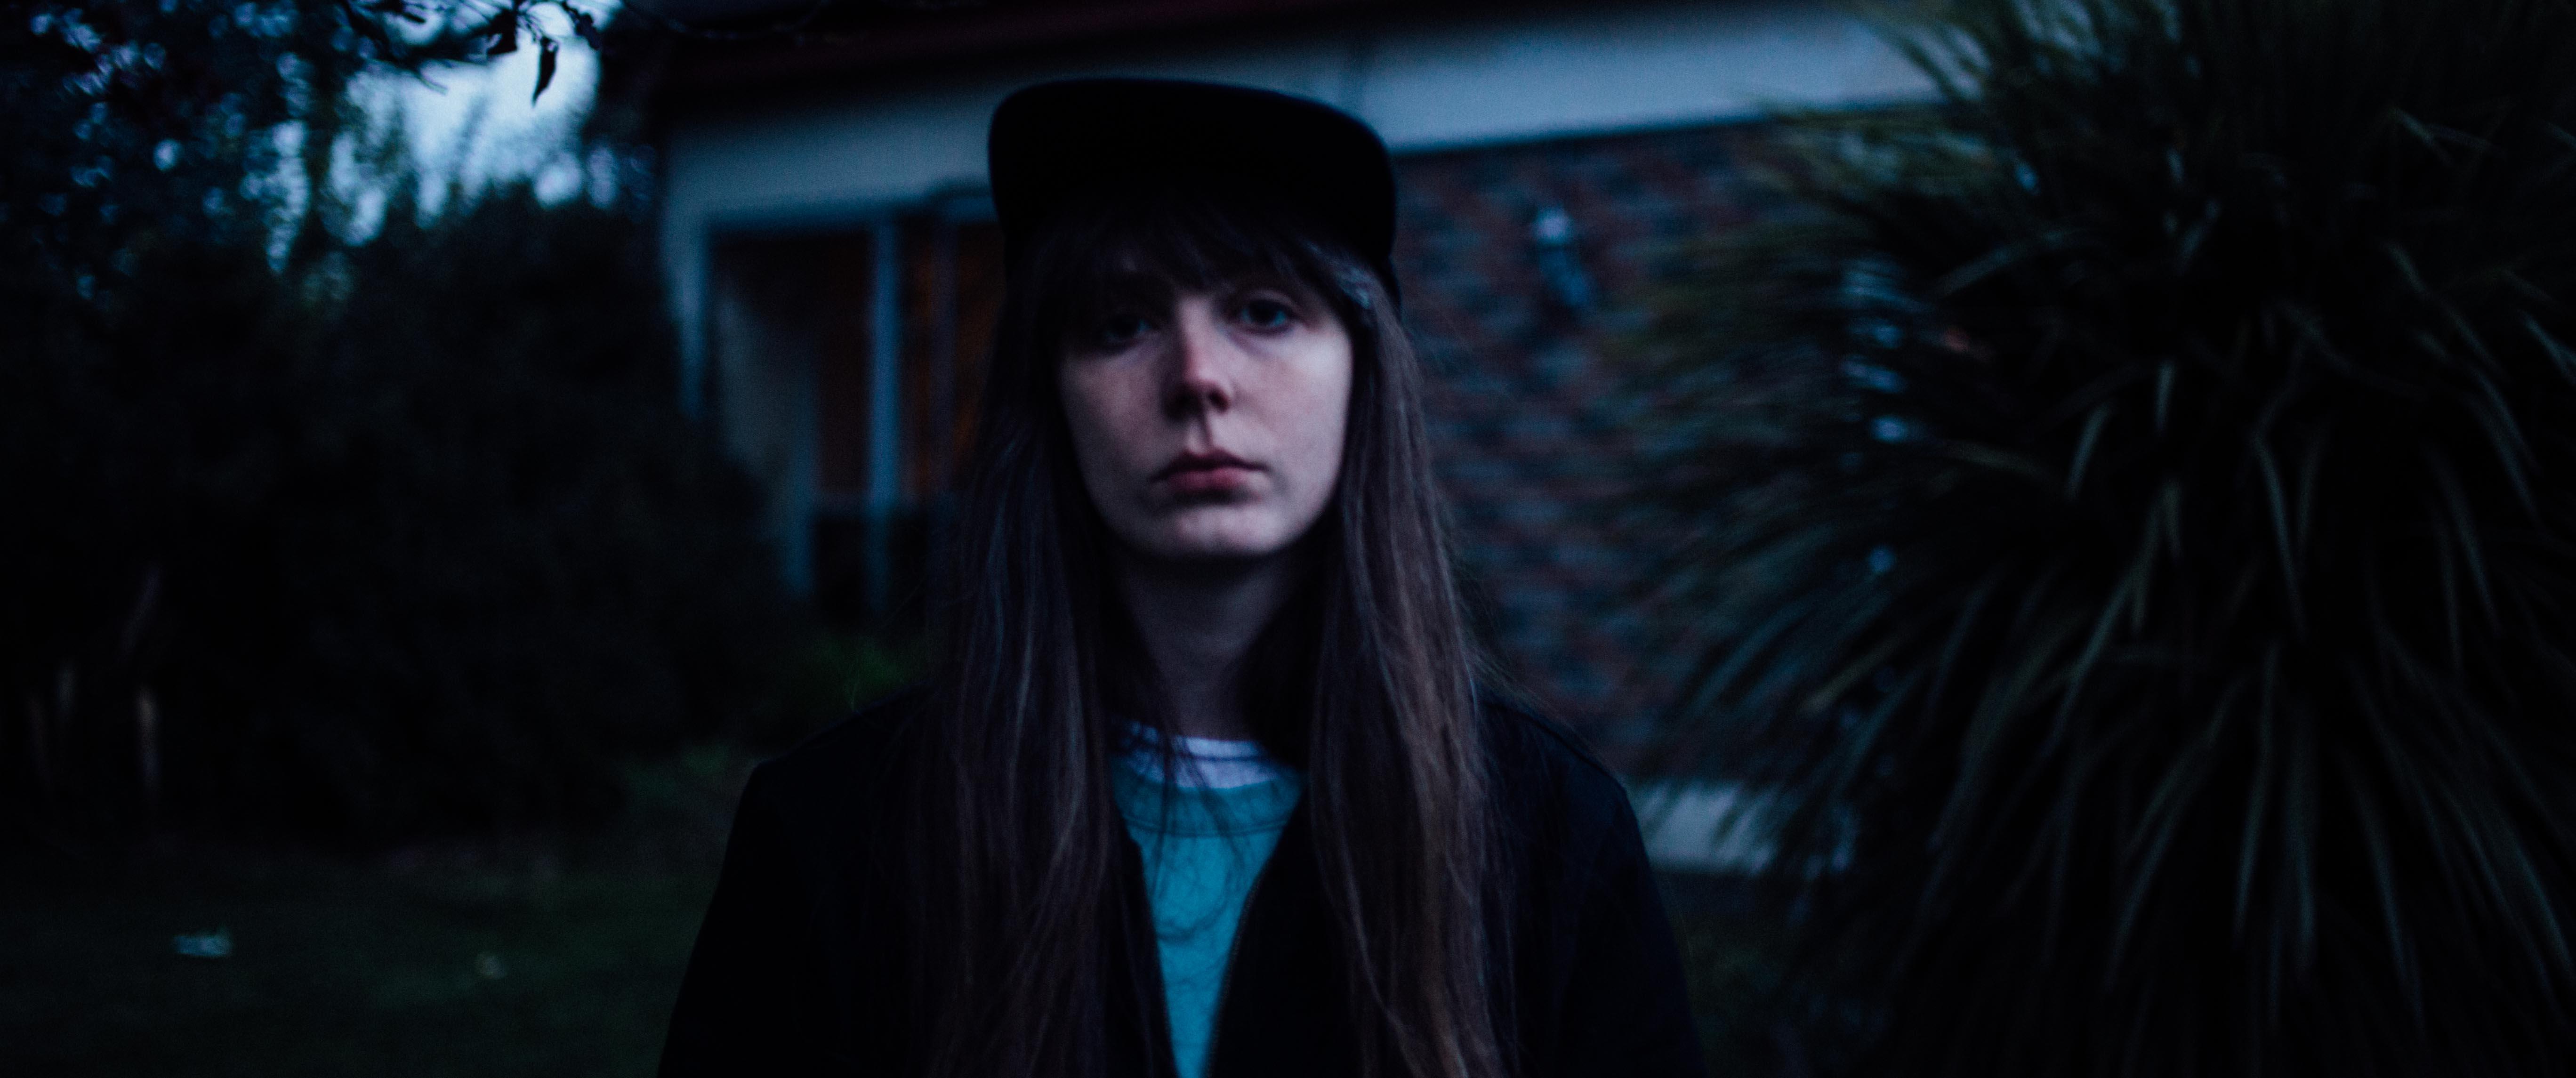 Kate Dolan